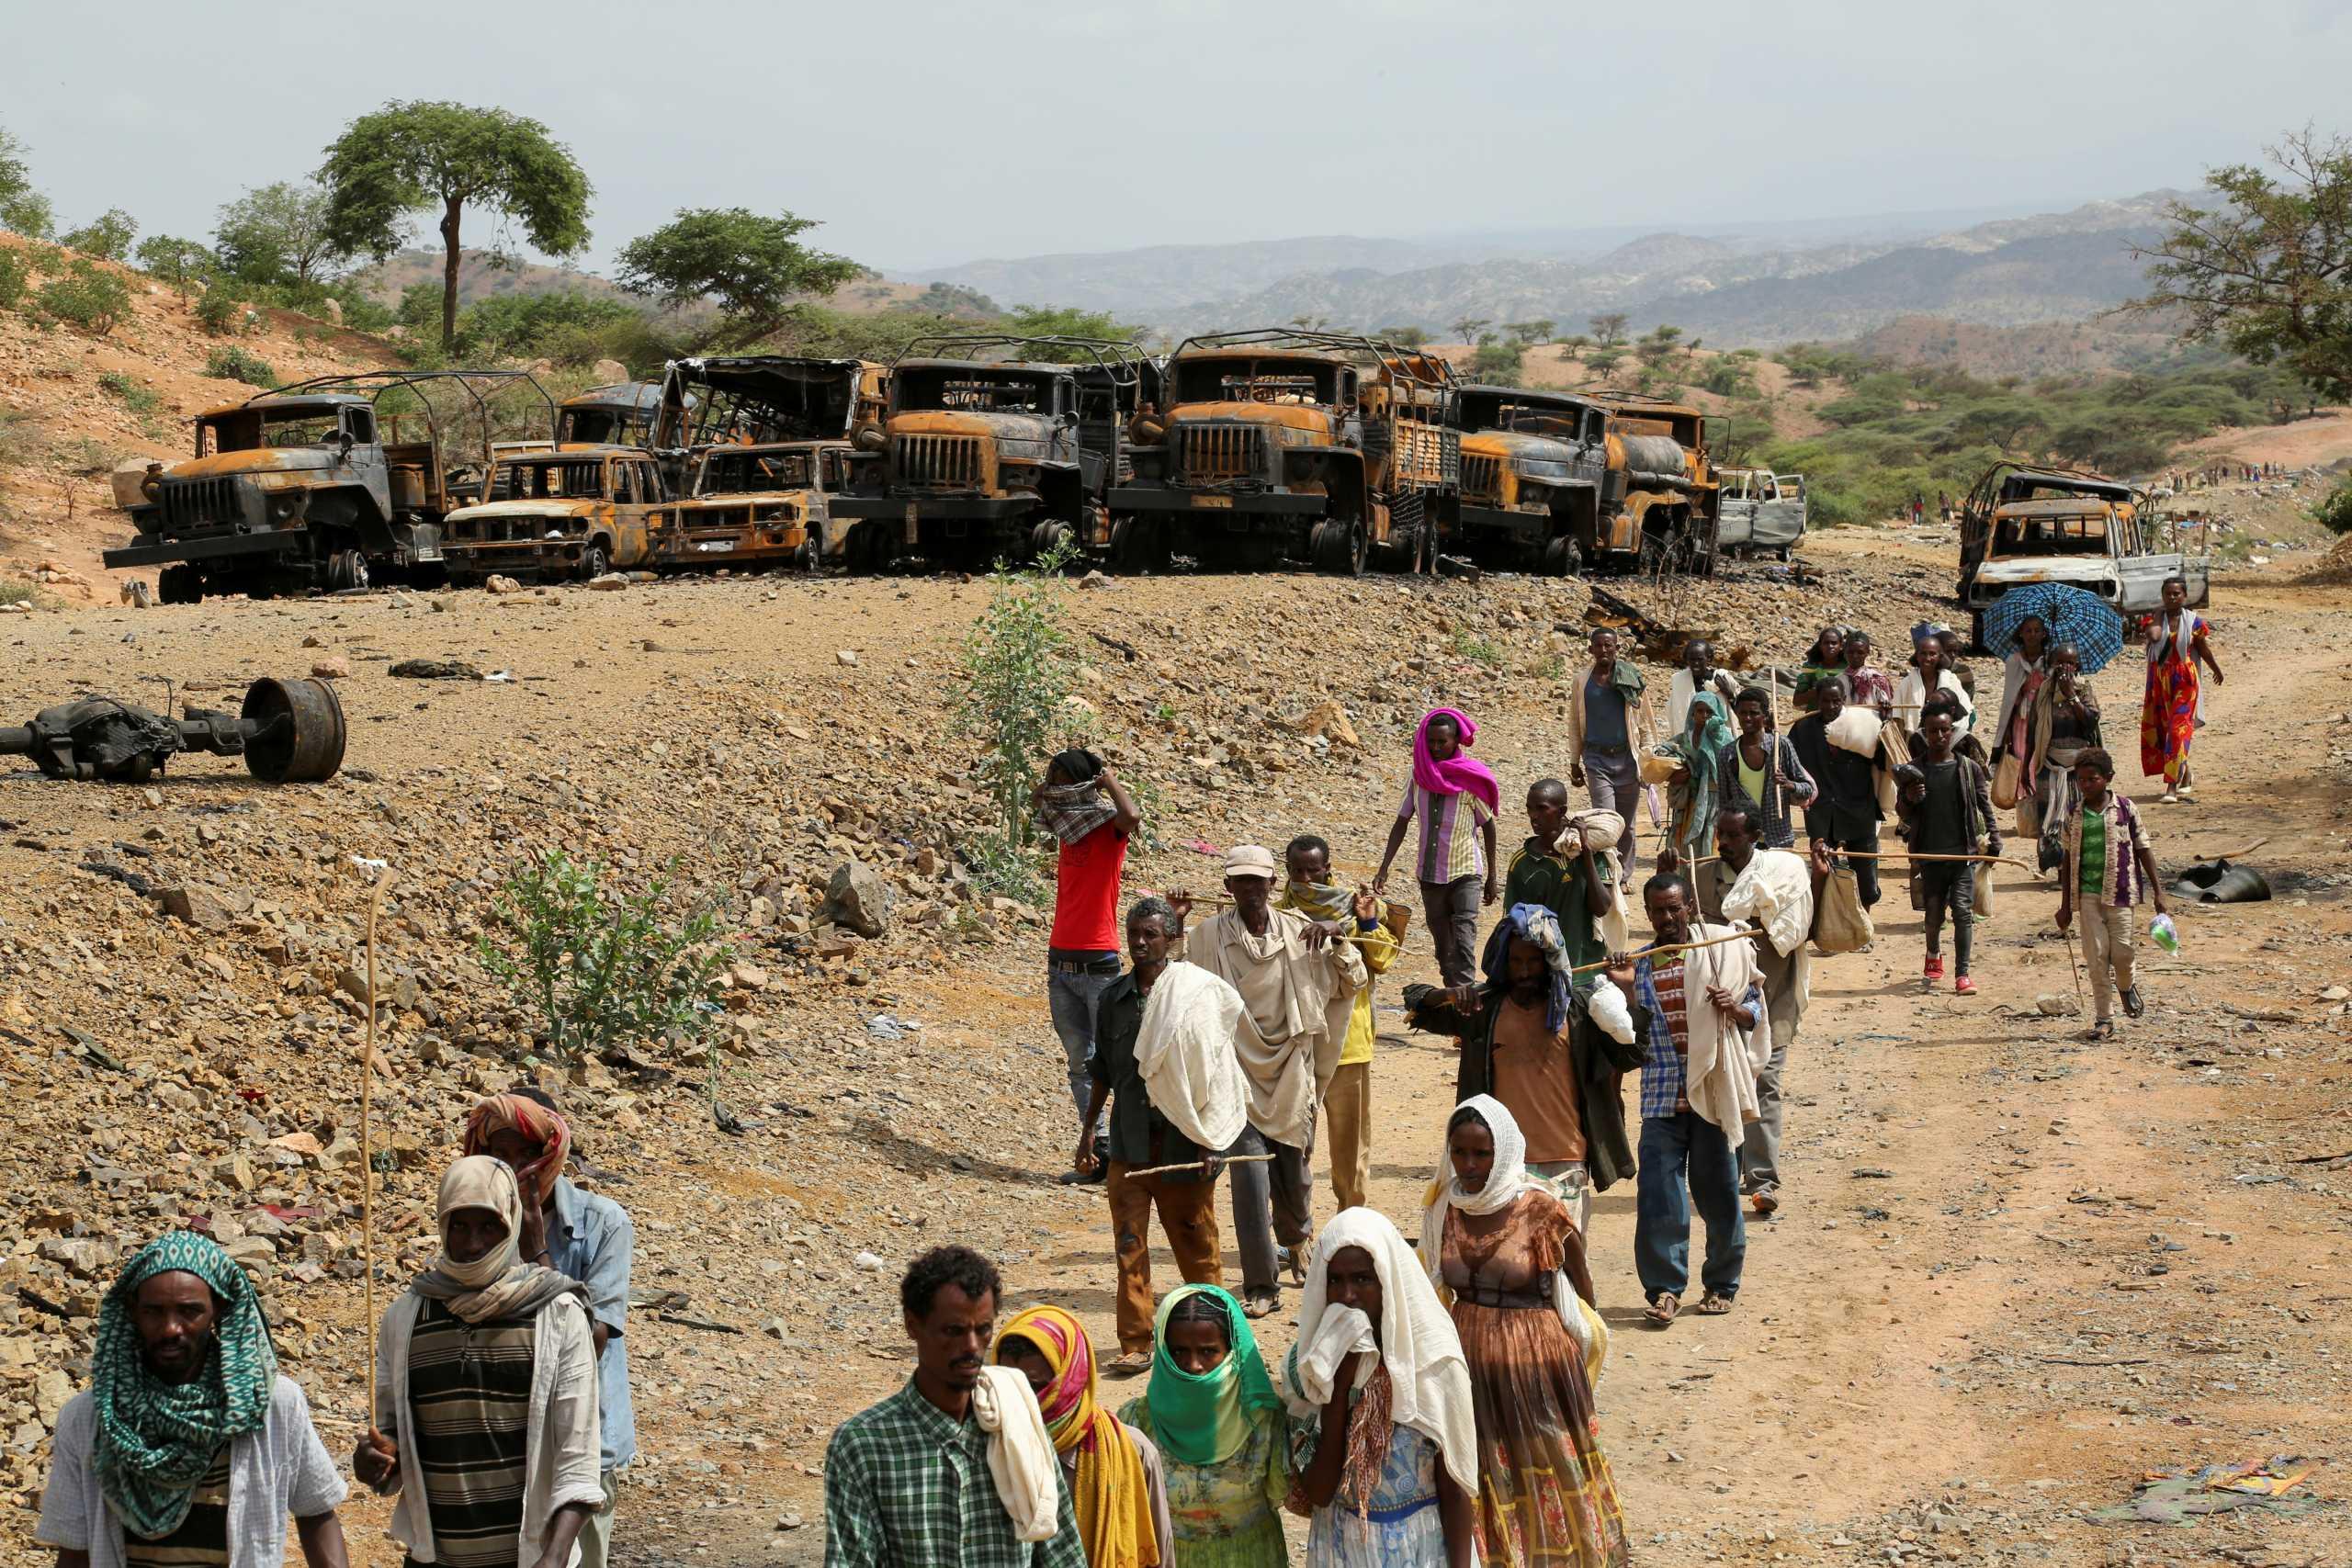 Τιγκράι: Εκατοντάδες γυναίκες και κορίτσια βιάστηκαν και ακρωτηριάστηκαν από στρατιώτες της Αιθιοπίας και της Ερυθραίας